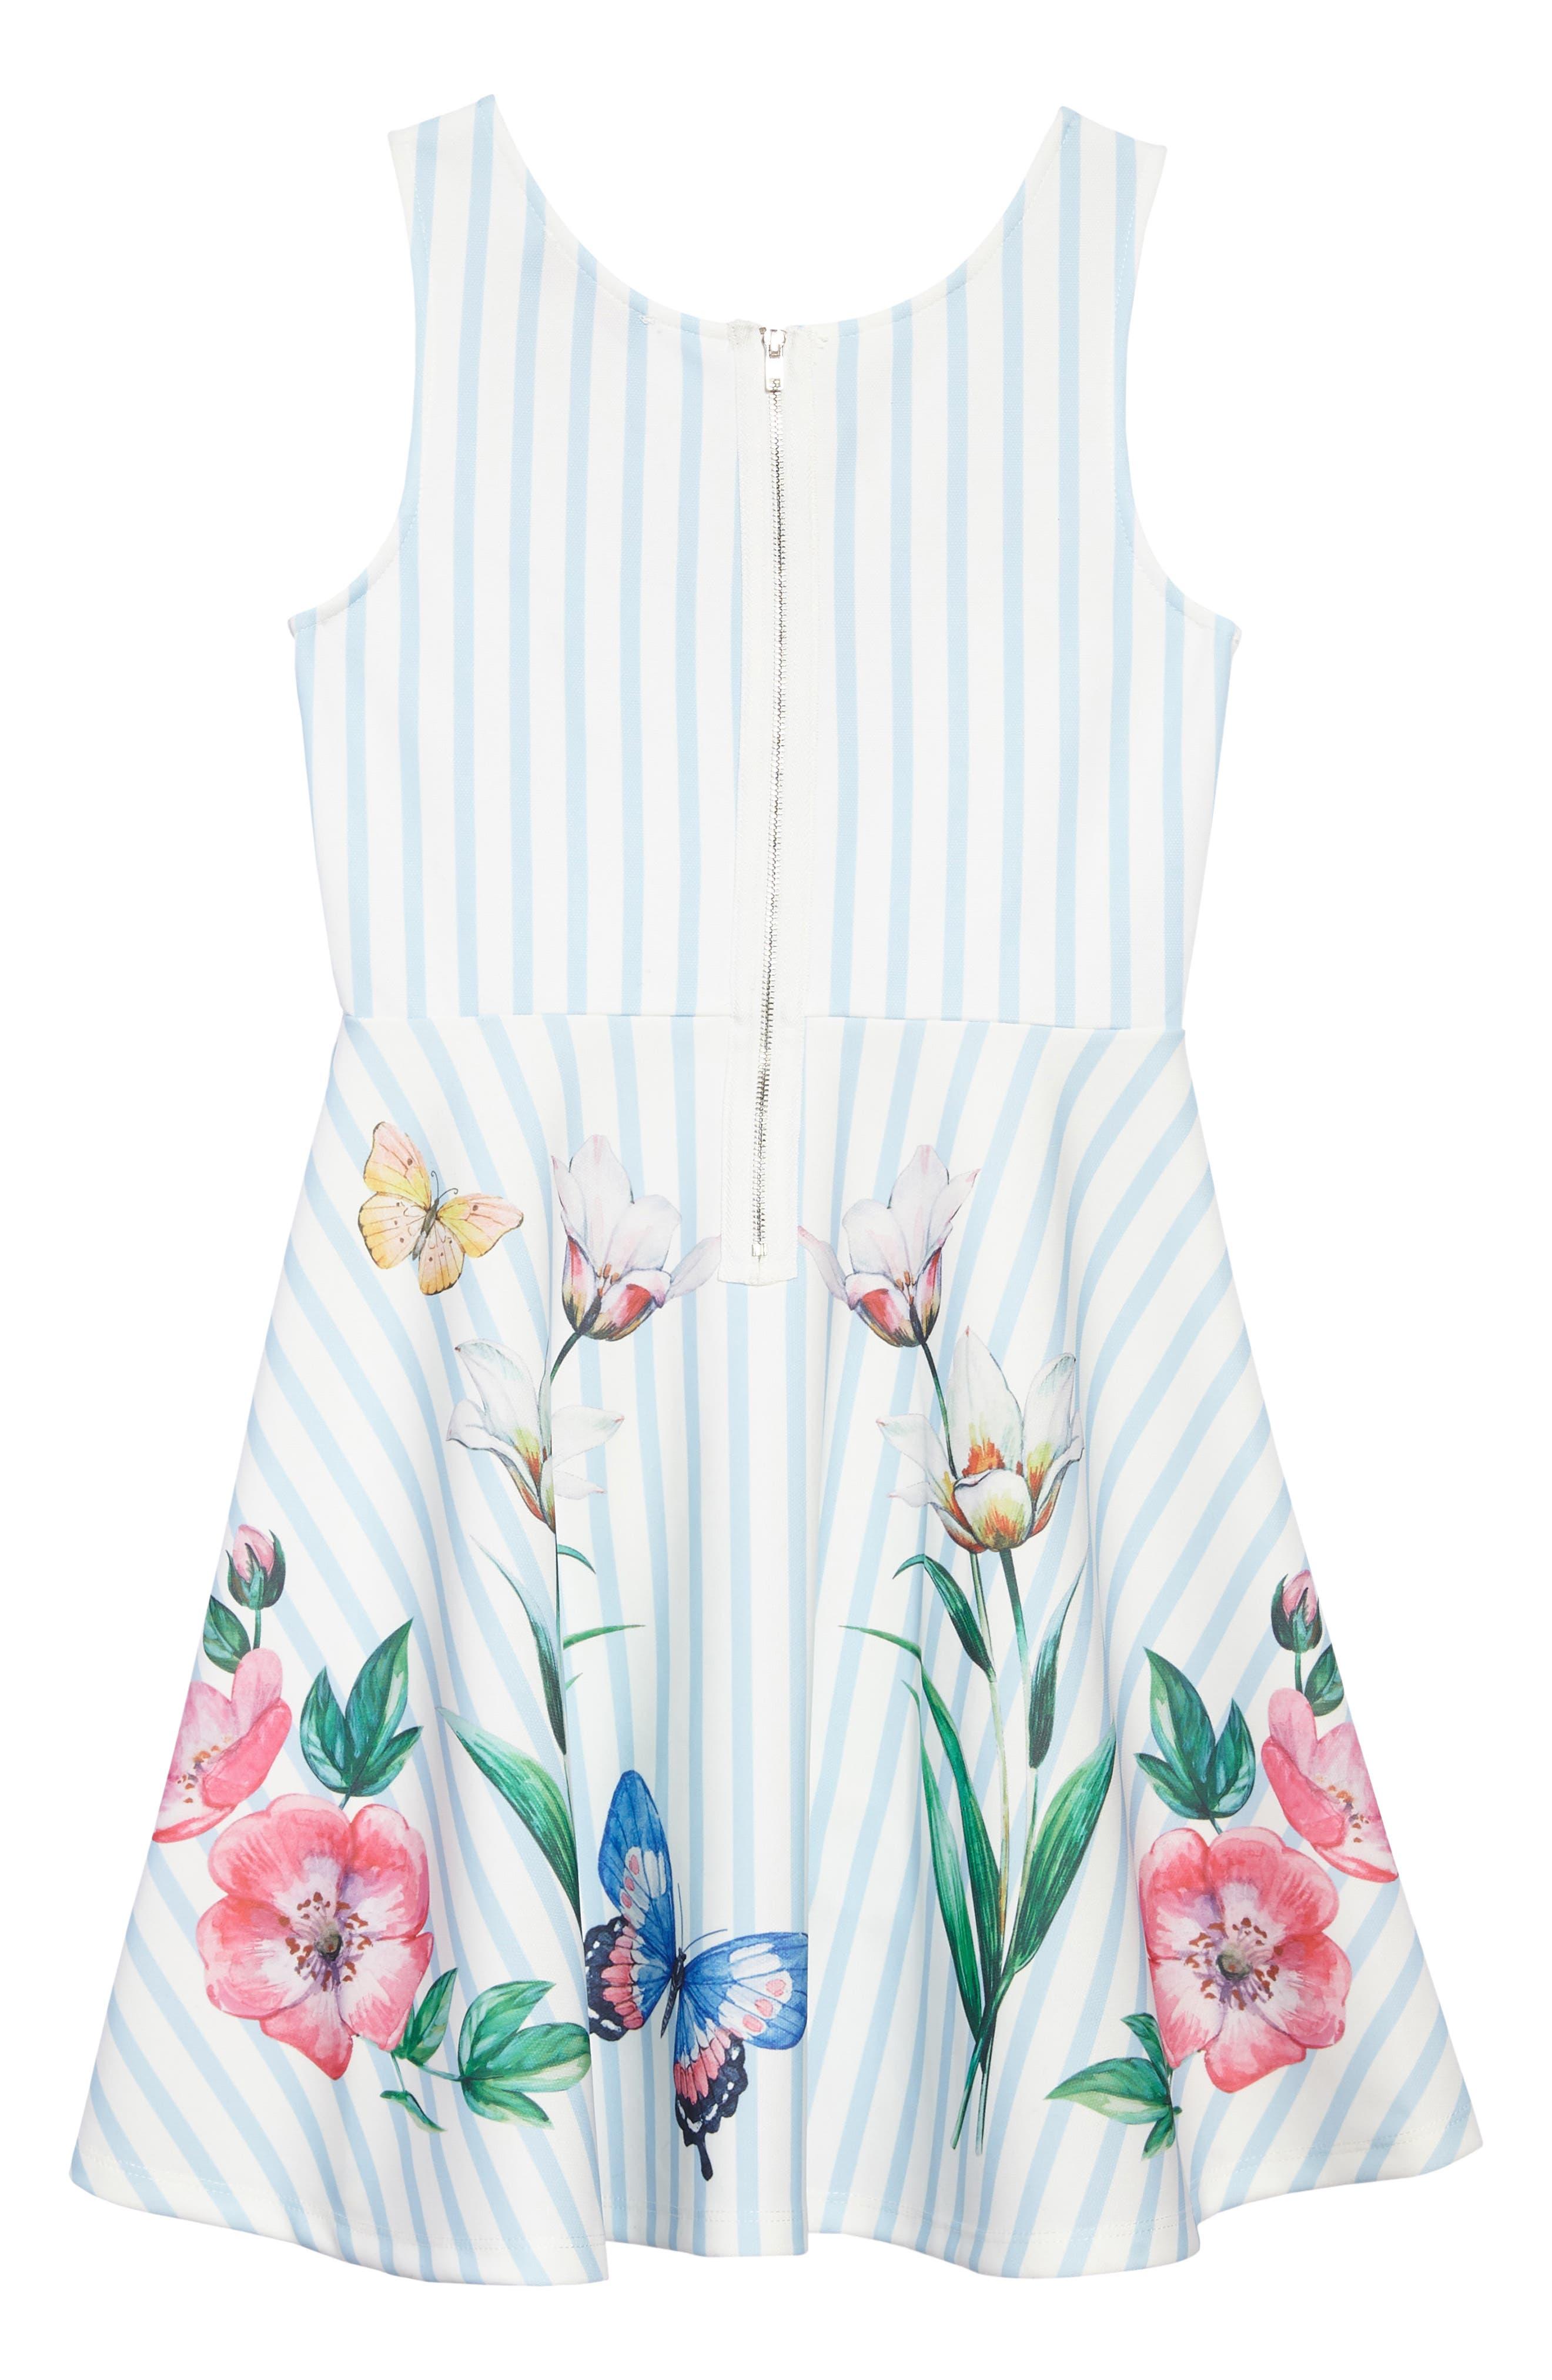 Stripe Floral Skater Dress,                             Alternate thumbnail 2, color,                             Blue/ White